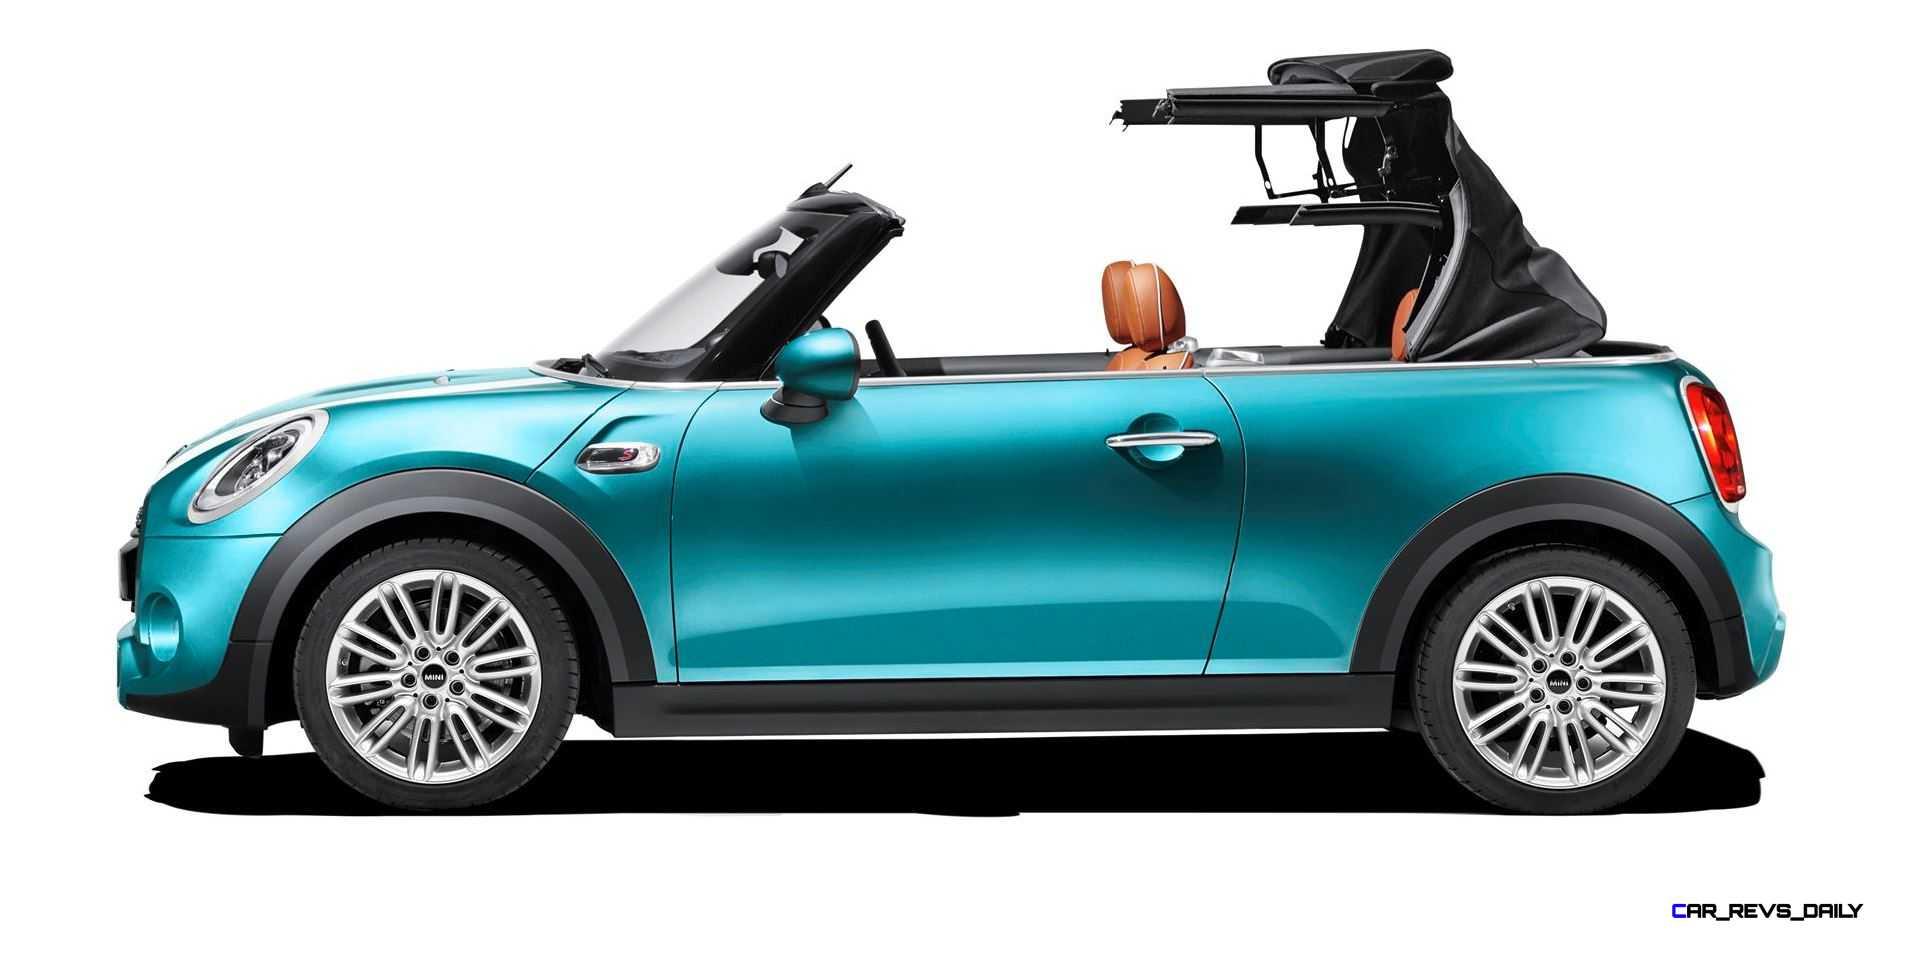 2017 mini cooper cabrio 30. Black Bedroom Furniture Sets. Home Design Ideas